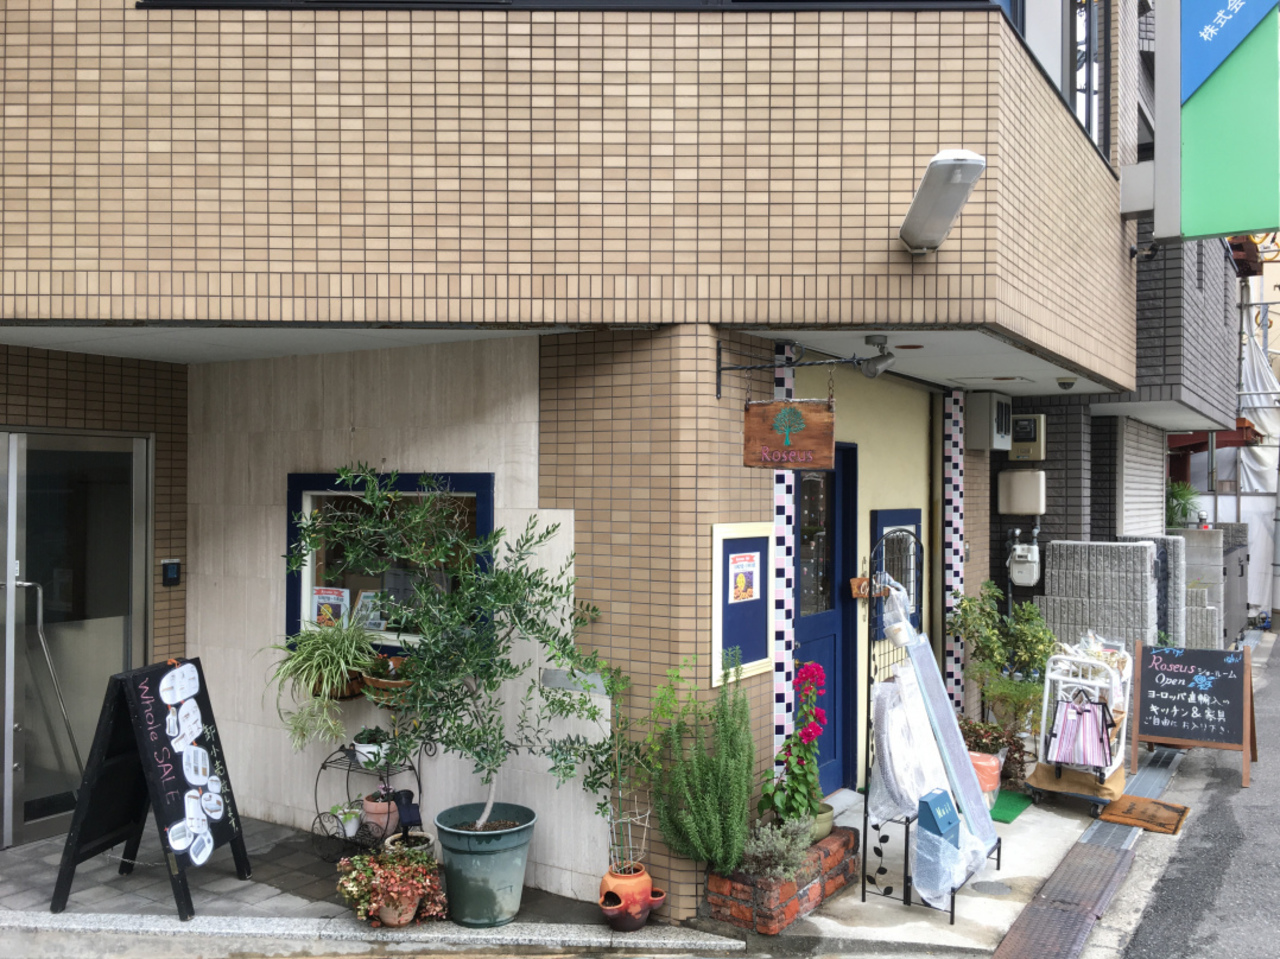 大阪 天王寺にあるロセウスでは家具とインテリア雑貨のオータムセール開催中です